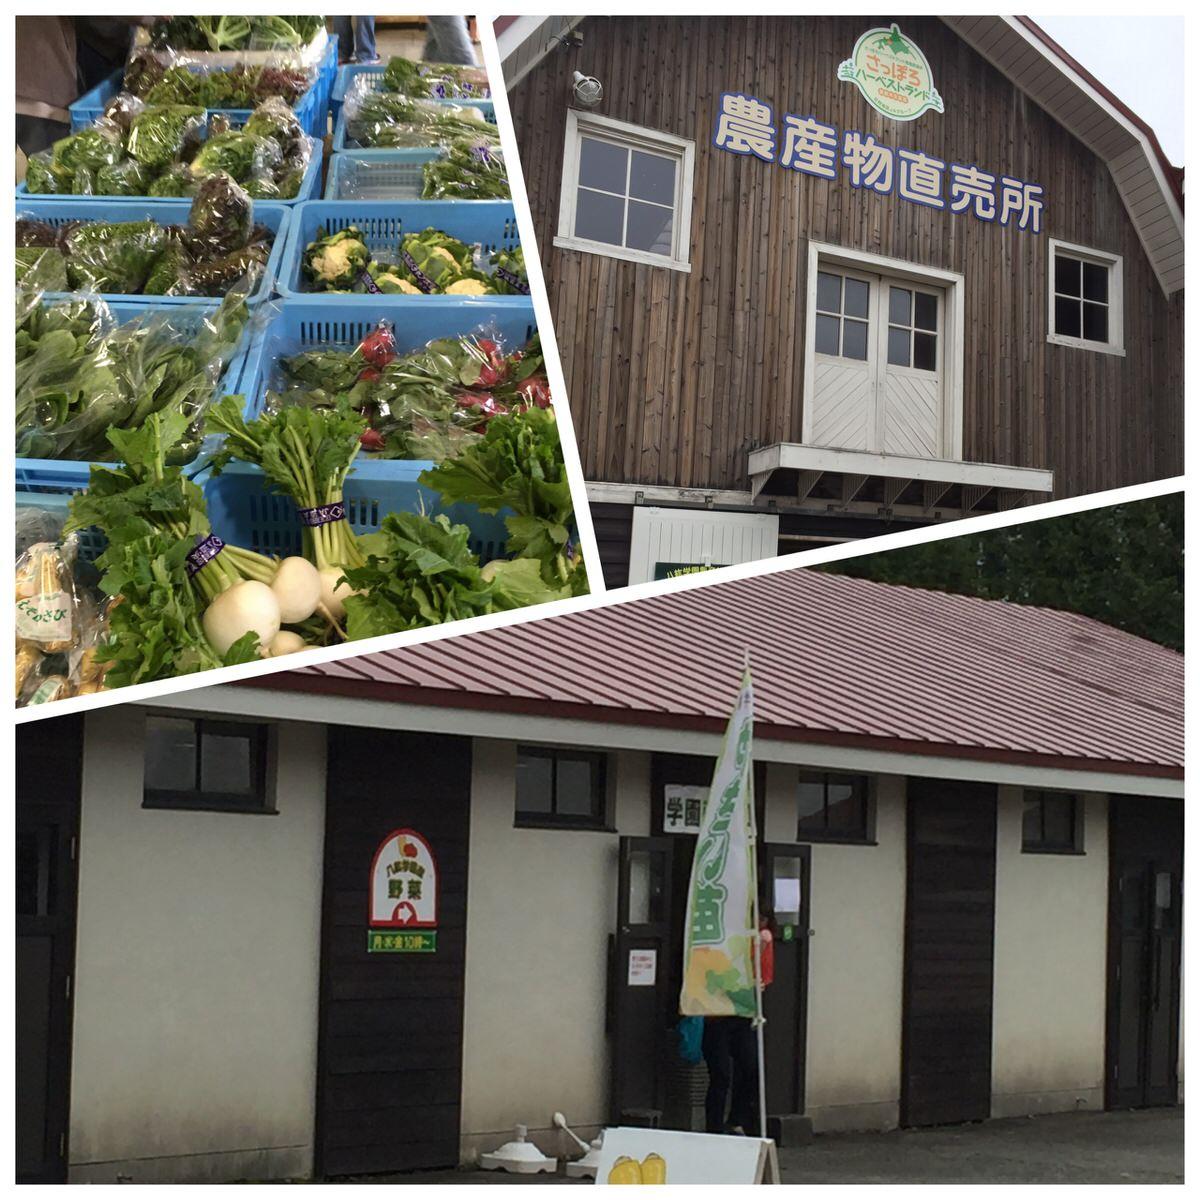 『八紘学園 野菜直売所』 札幌近郊 ドライブで行ける新鮮野菜が買える場所。ソフトクリームがおいしい!